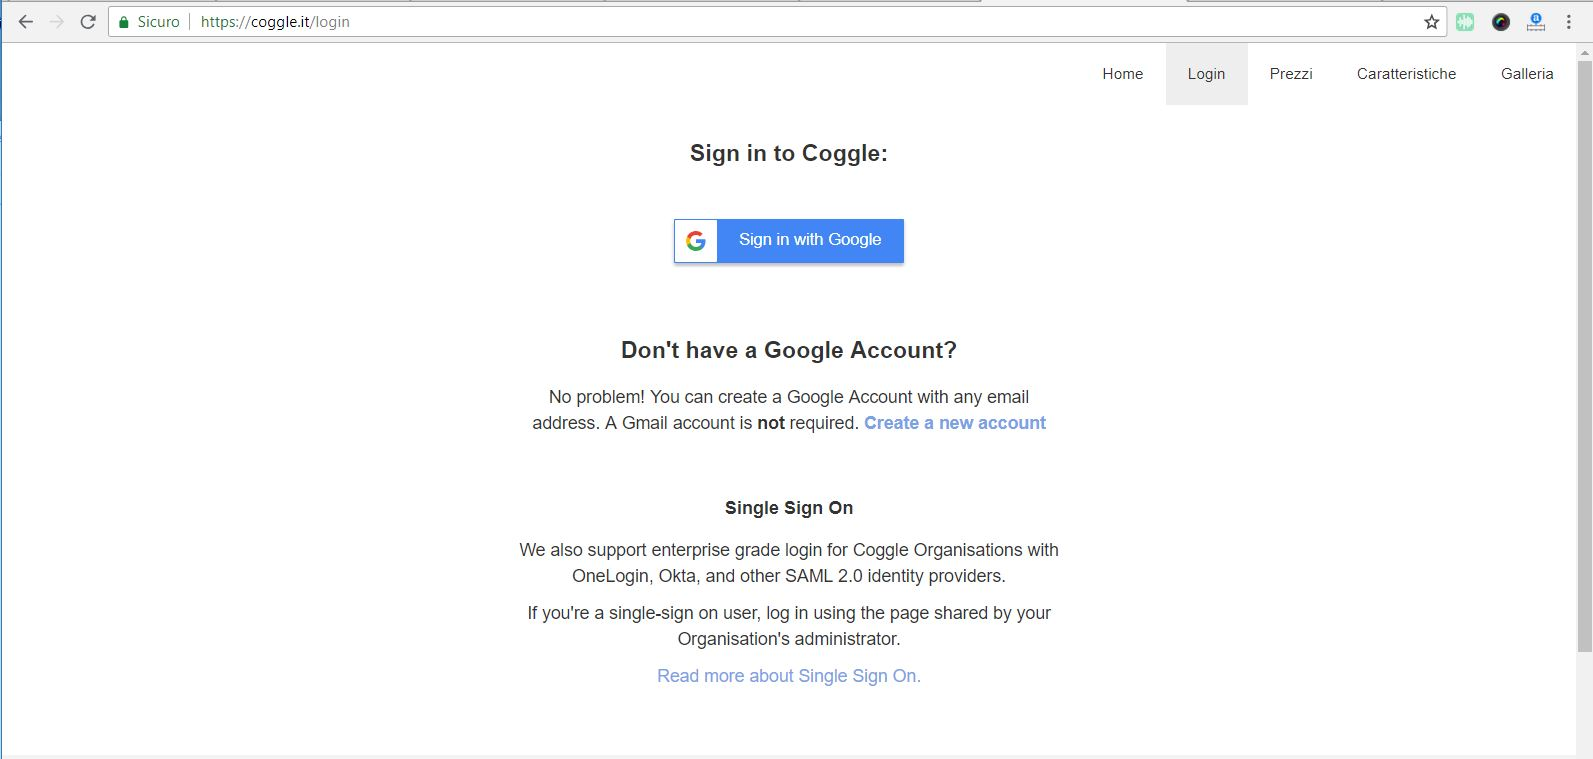 Coggle - Login senza Gmail